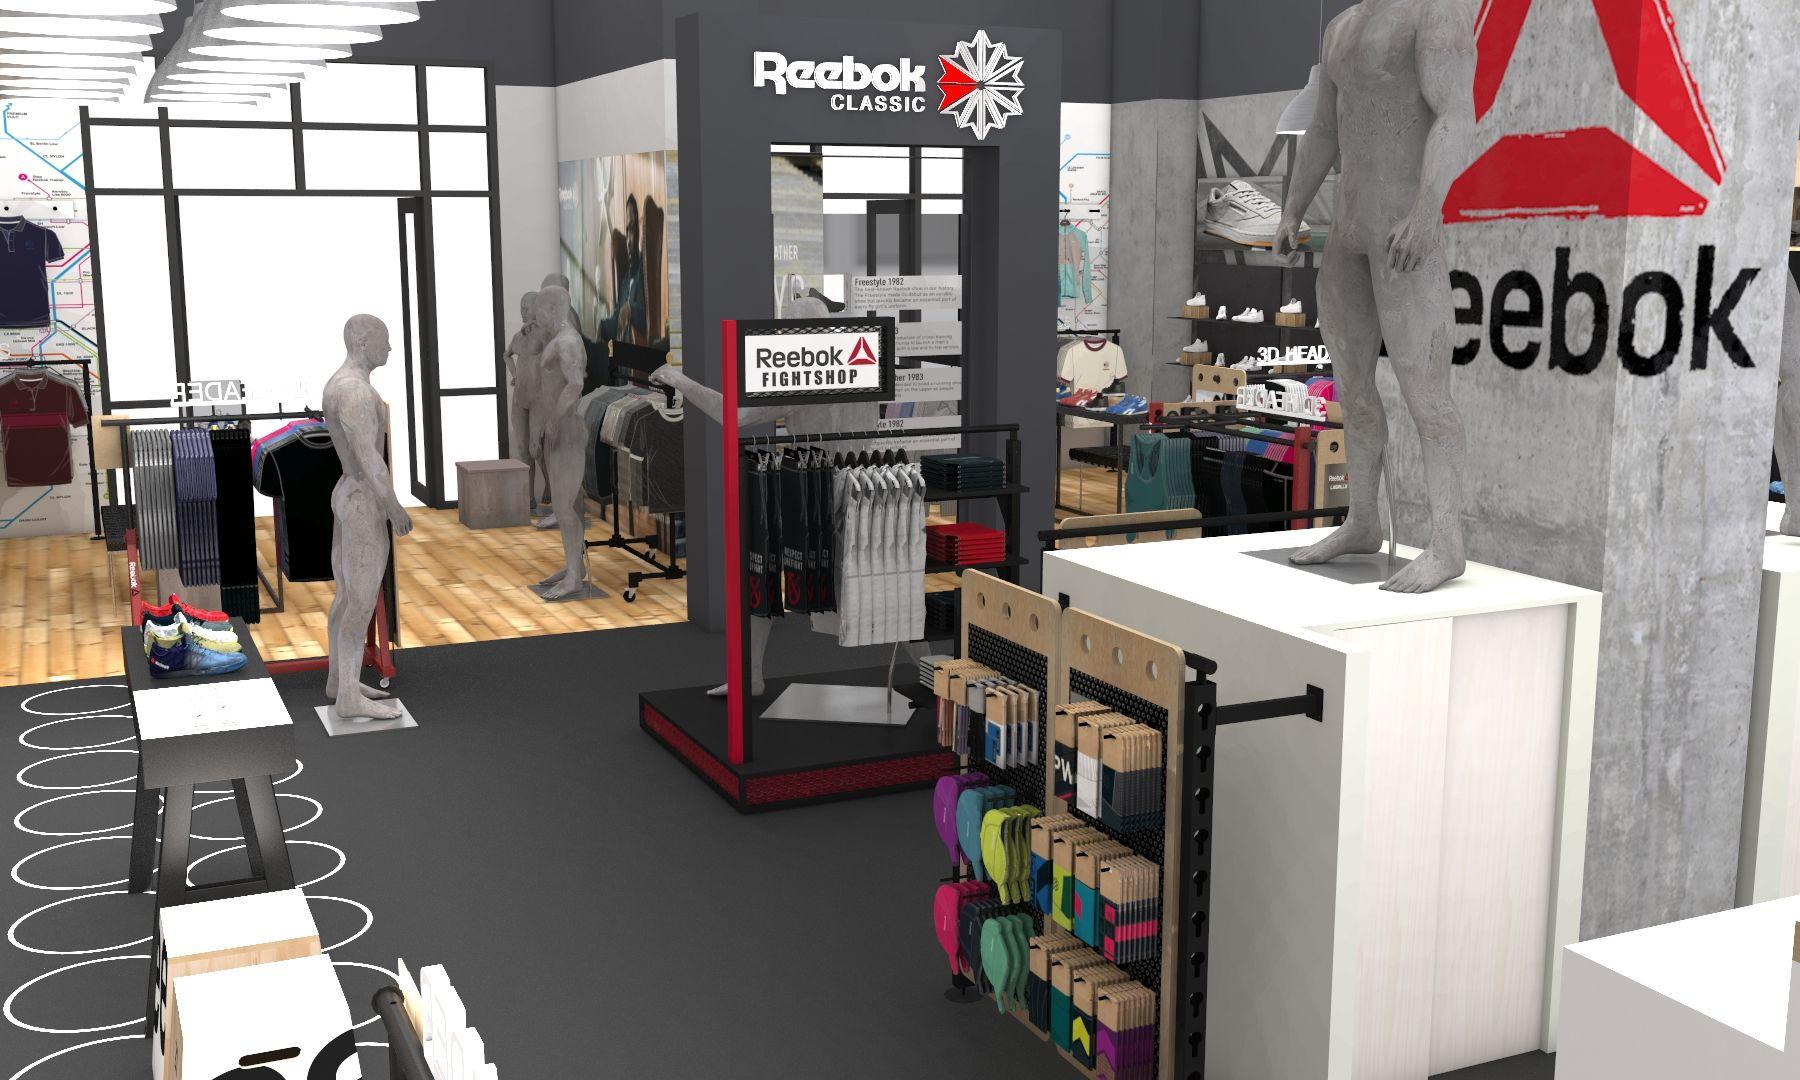 Dubai mall Reebok Fithub refresh Store plan, Retail